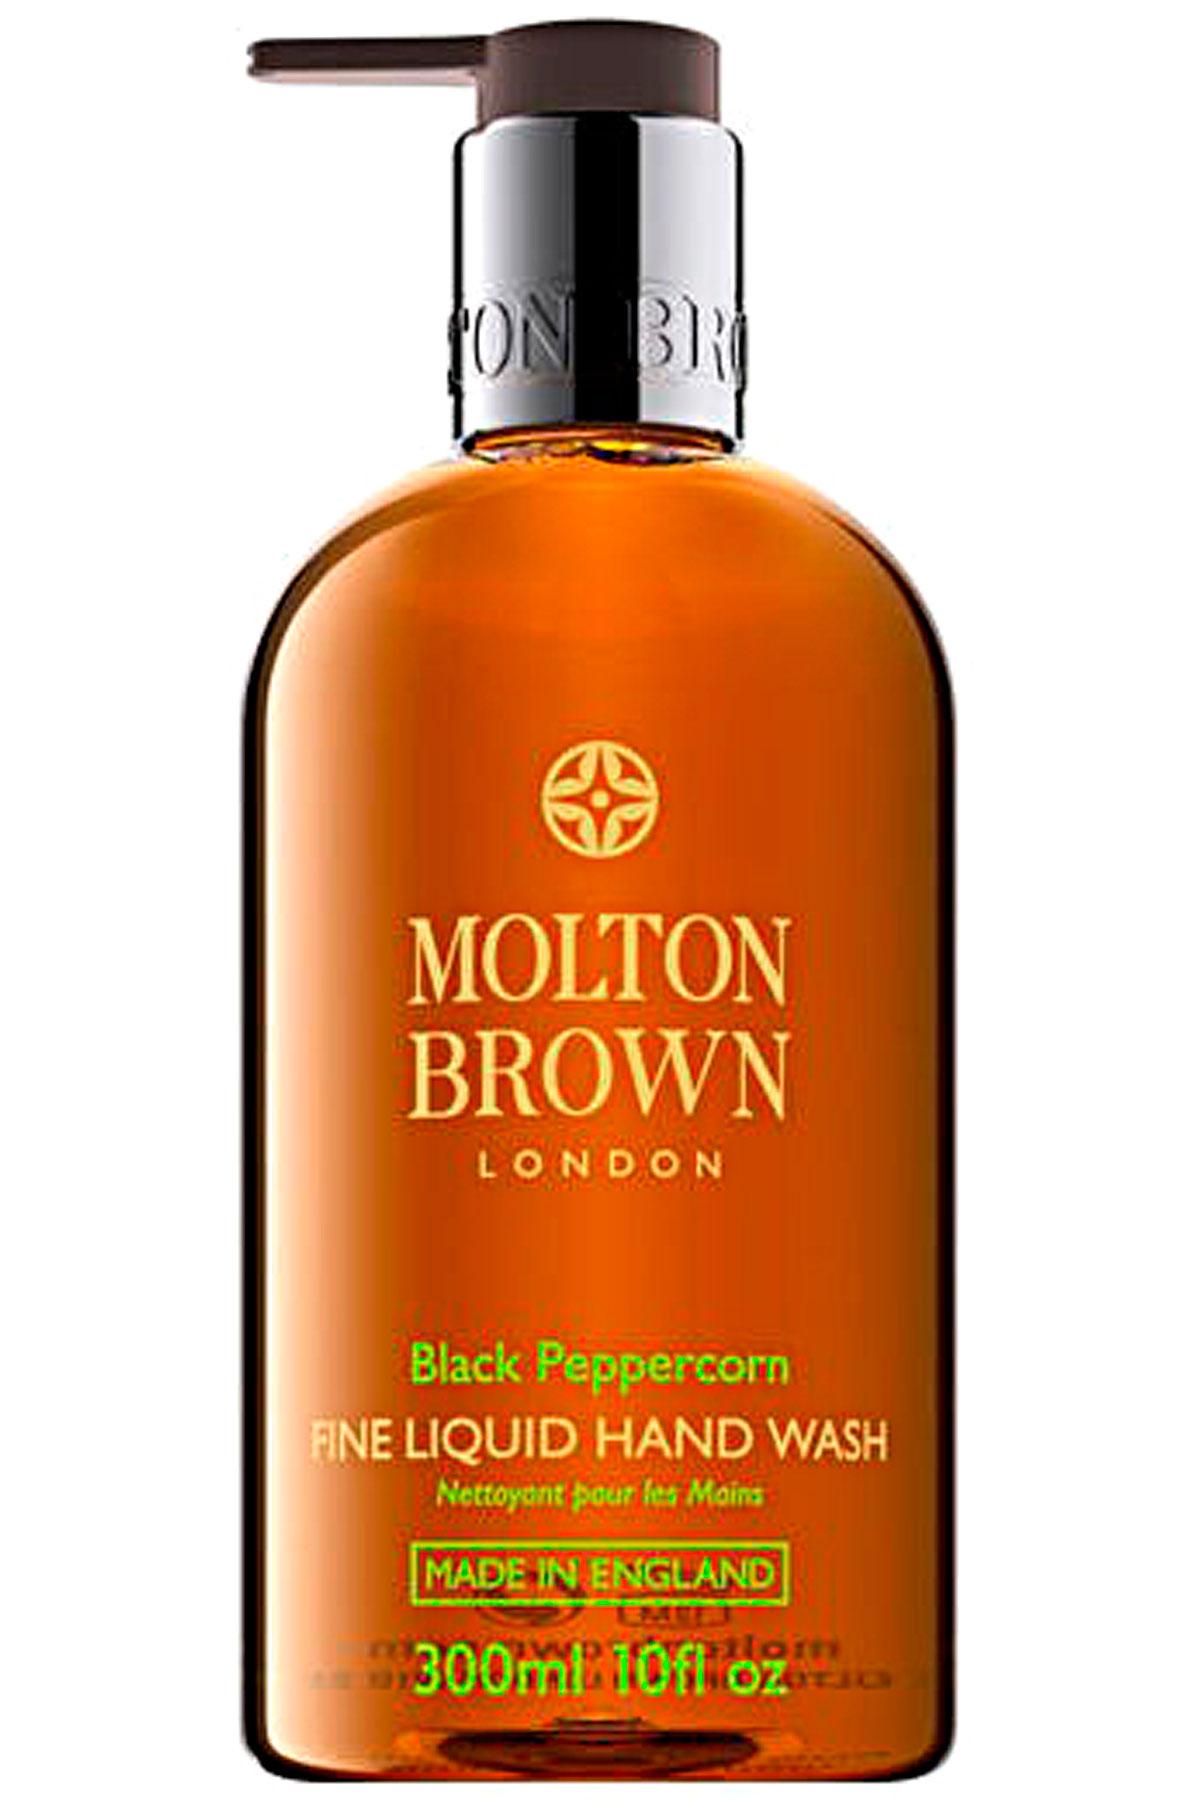 Molton Brown Beauty for Men, Black Peppercorn - Fine Liquid Hand Wash - 300 Ml, 2019, 300 ml